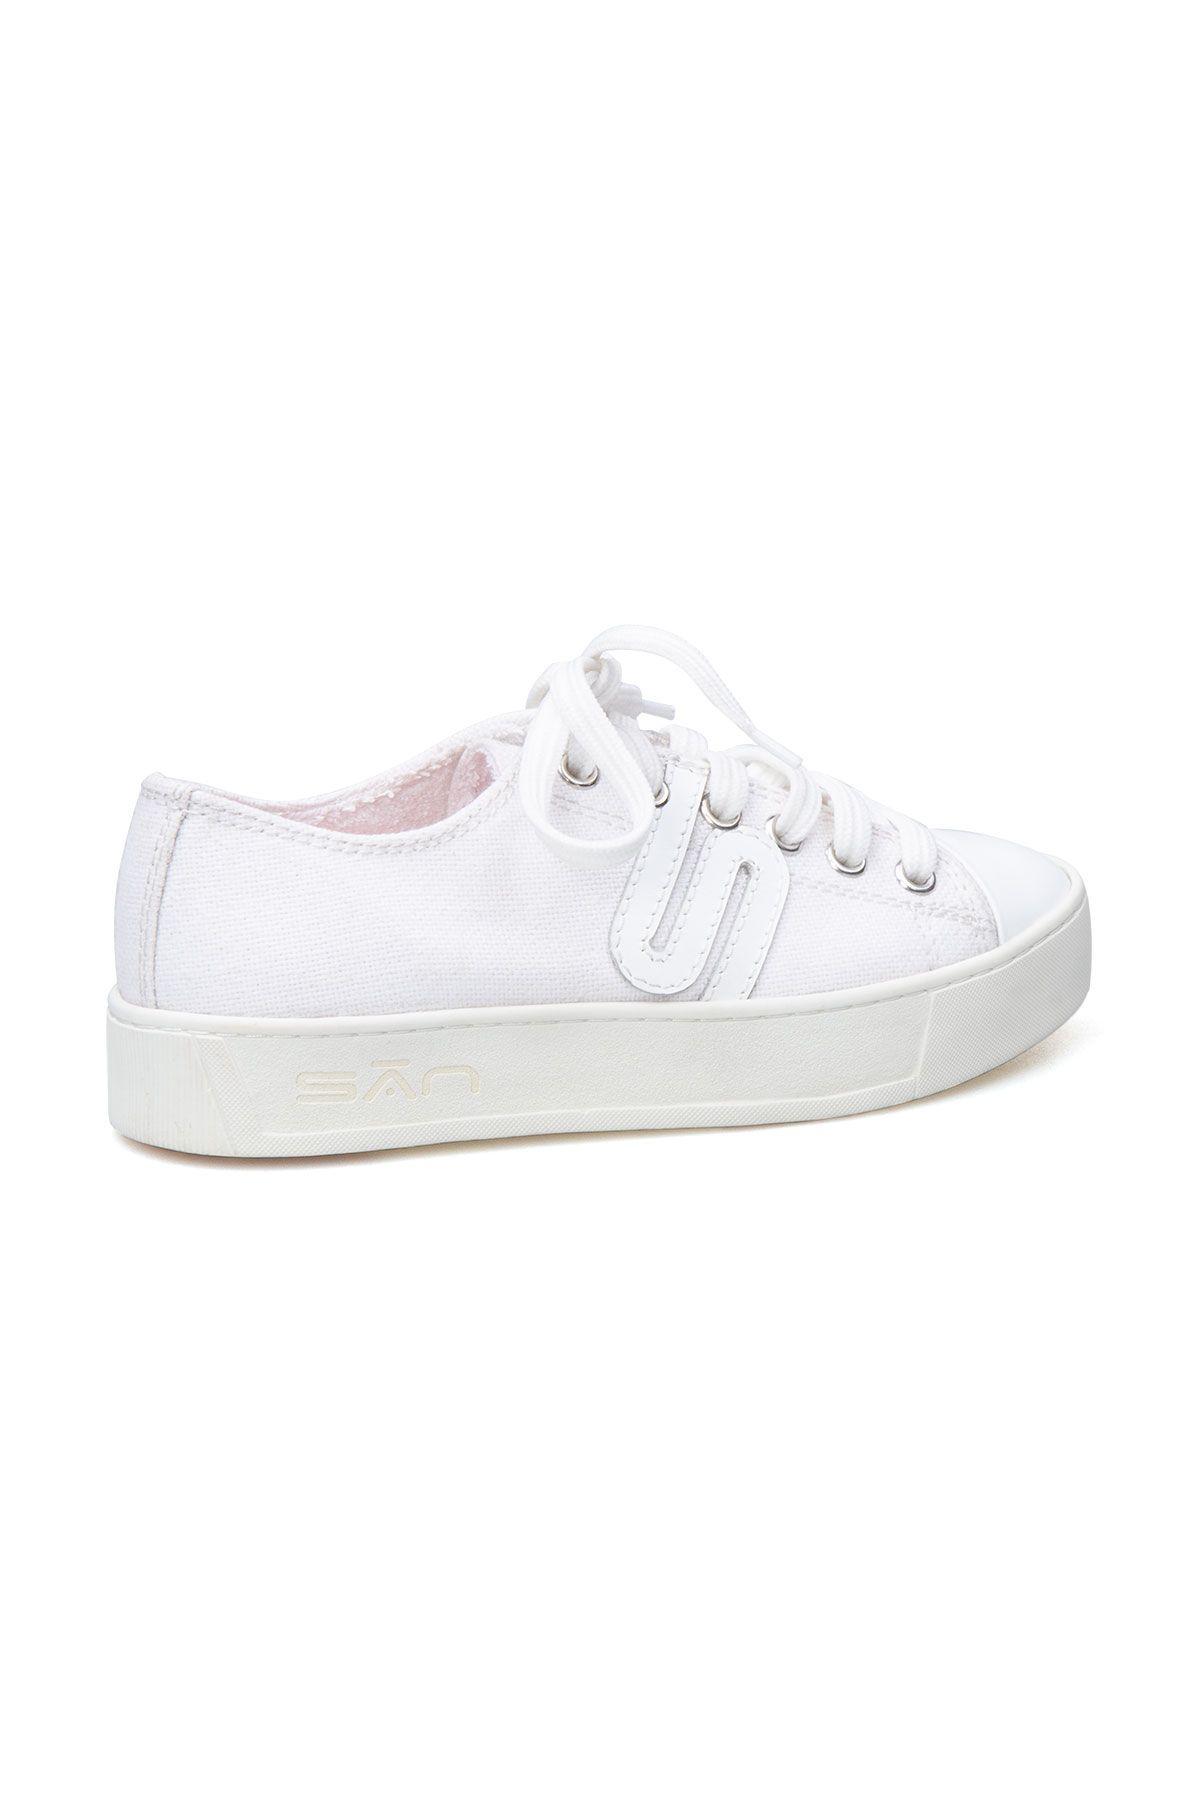 San Women's Sneaker SAN02S White